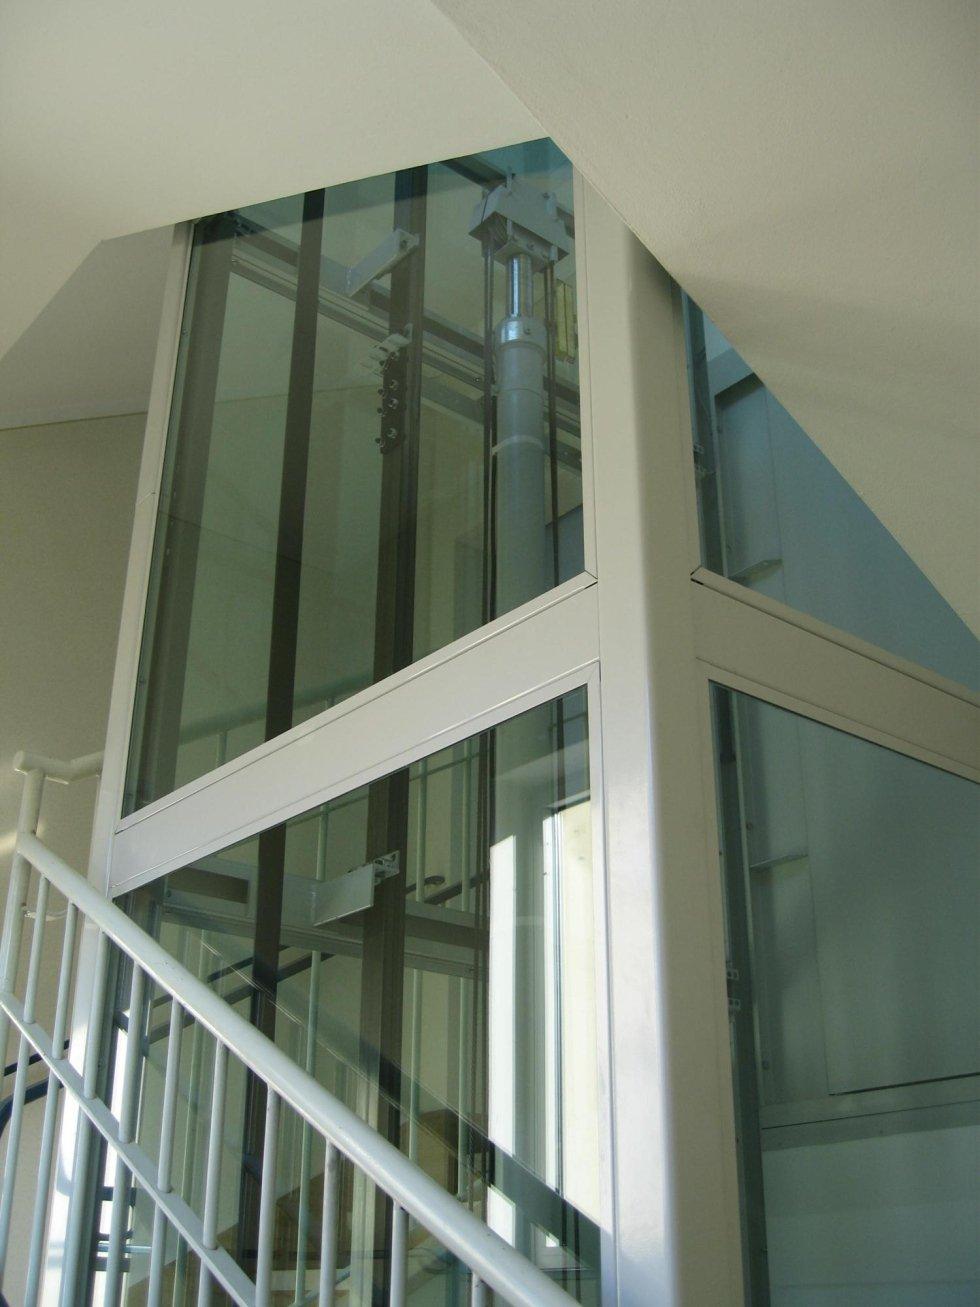 piattaforma elevatrice panoramica in vetro con scala